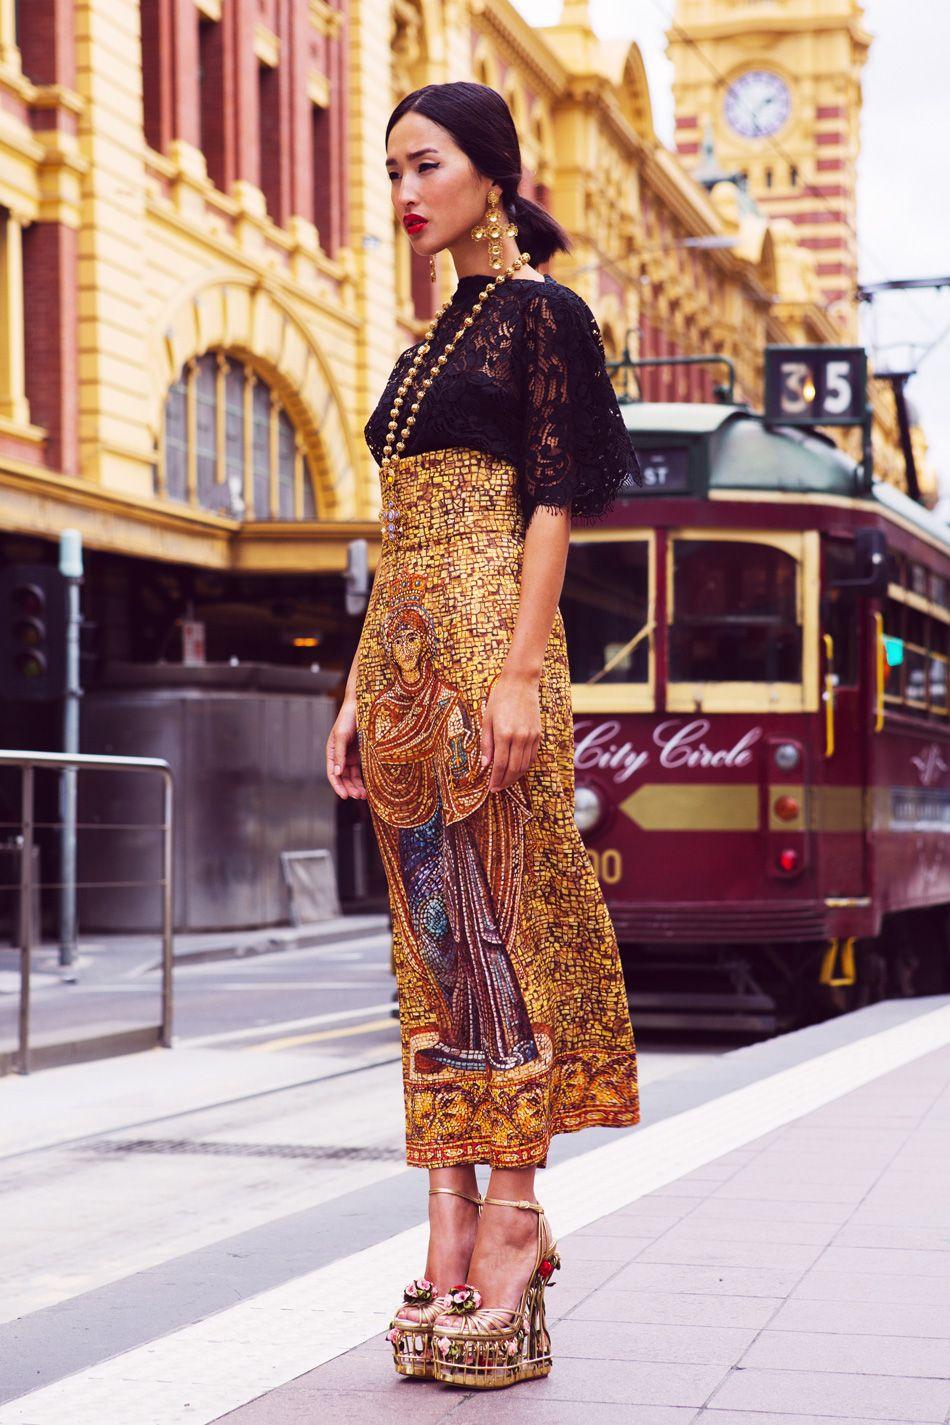 Nicole Warne for Dolce & Gabbana, photo by Luke Shadbolt